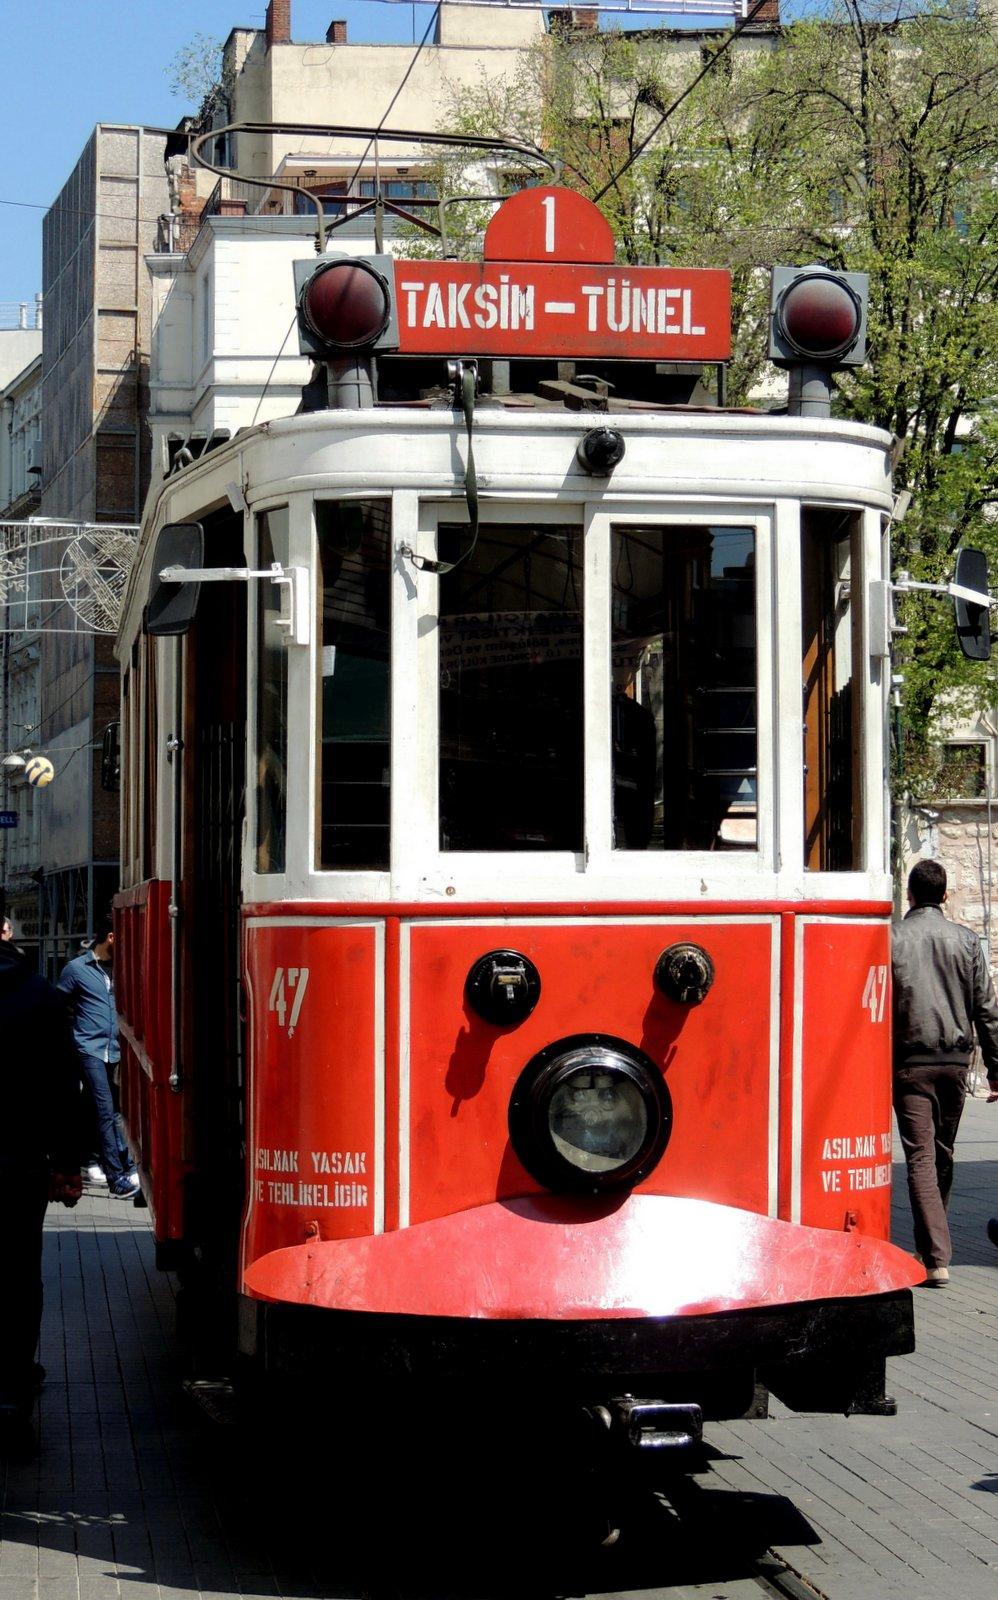 Historische Tram Taksim - Tünel